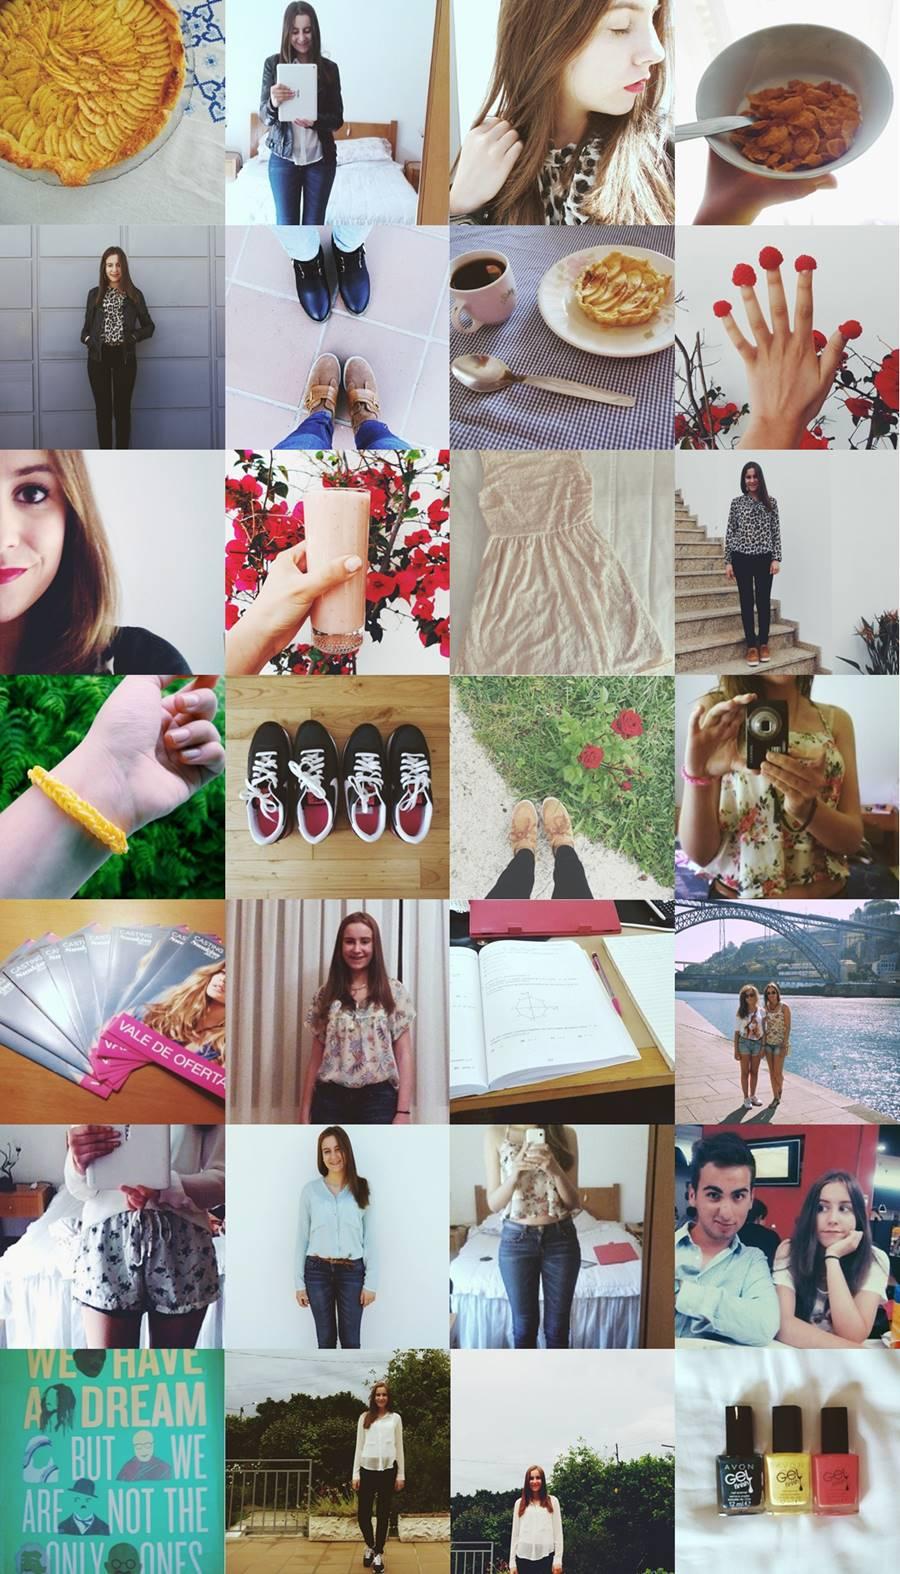 #10 My days through Instagram